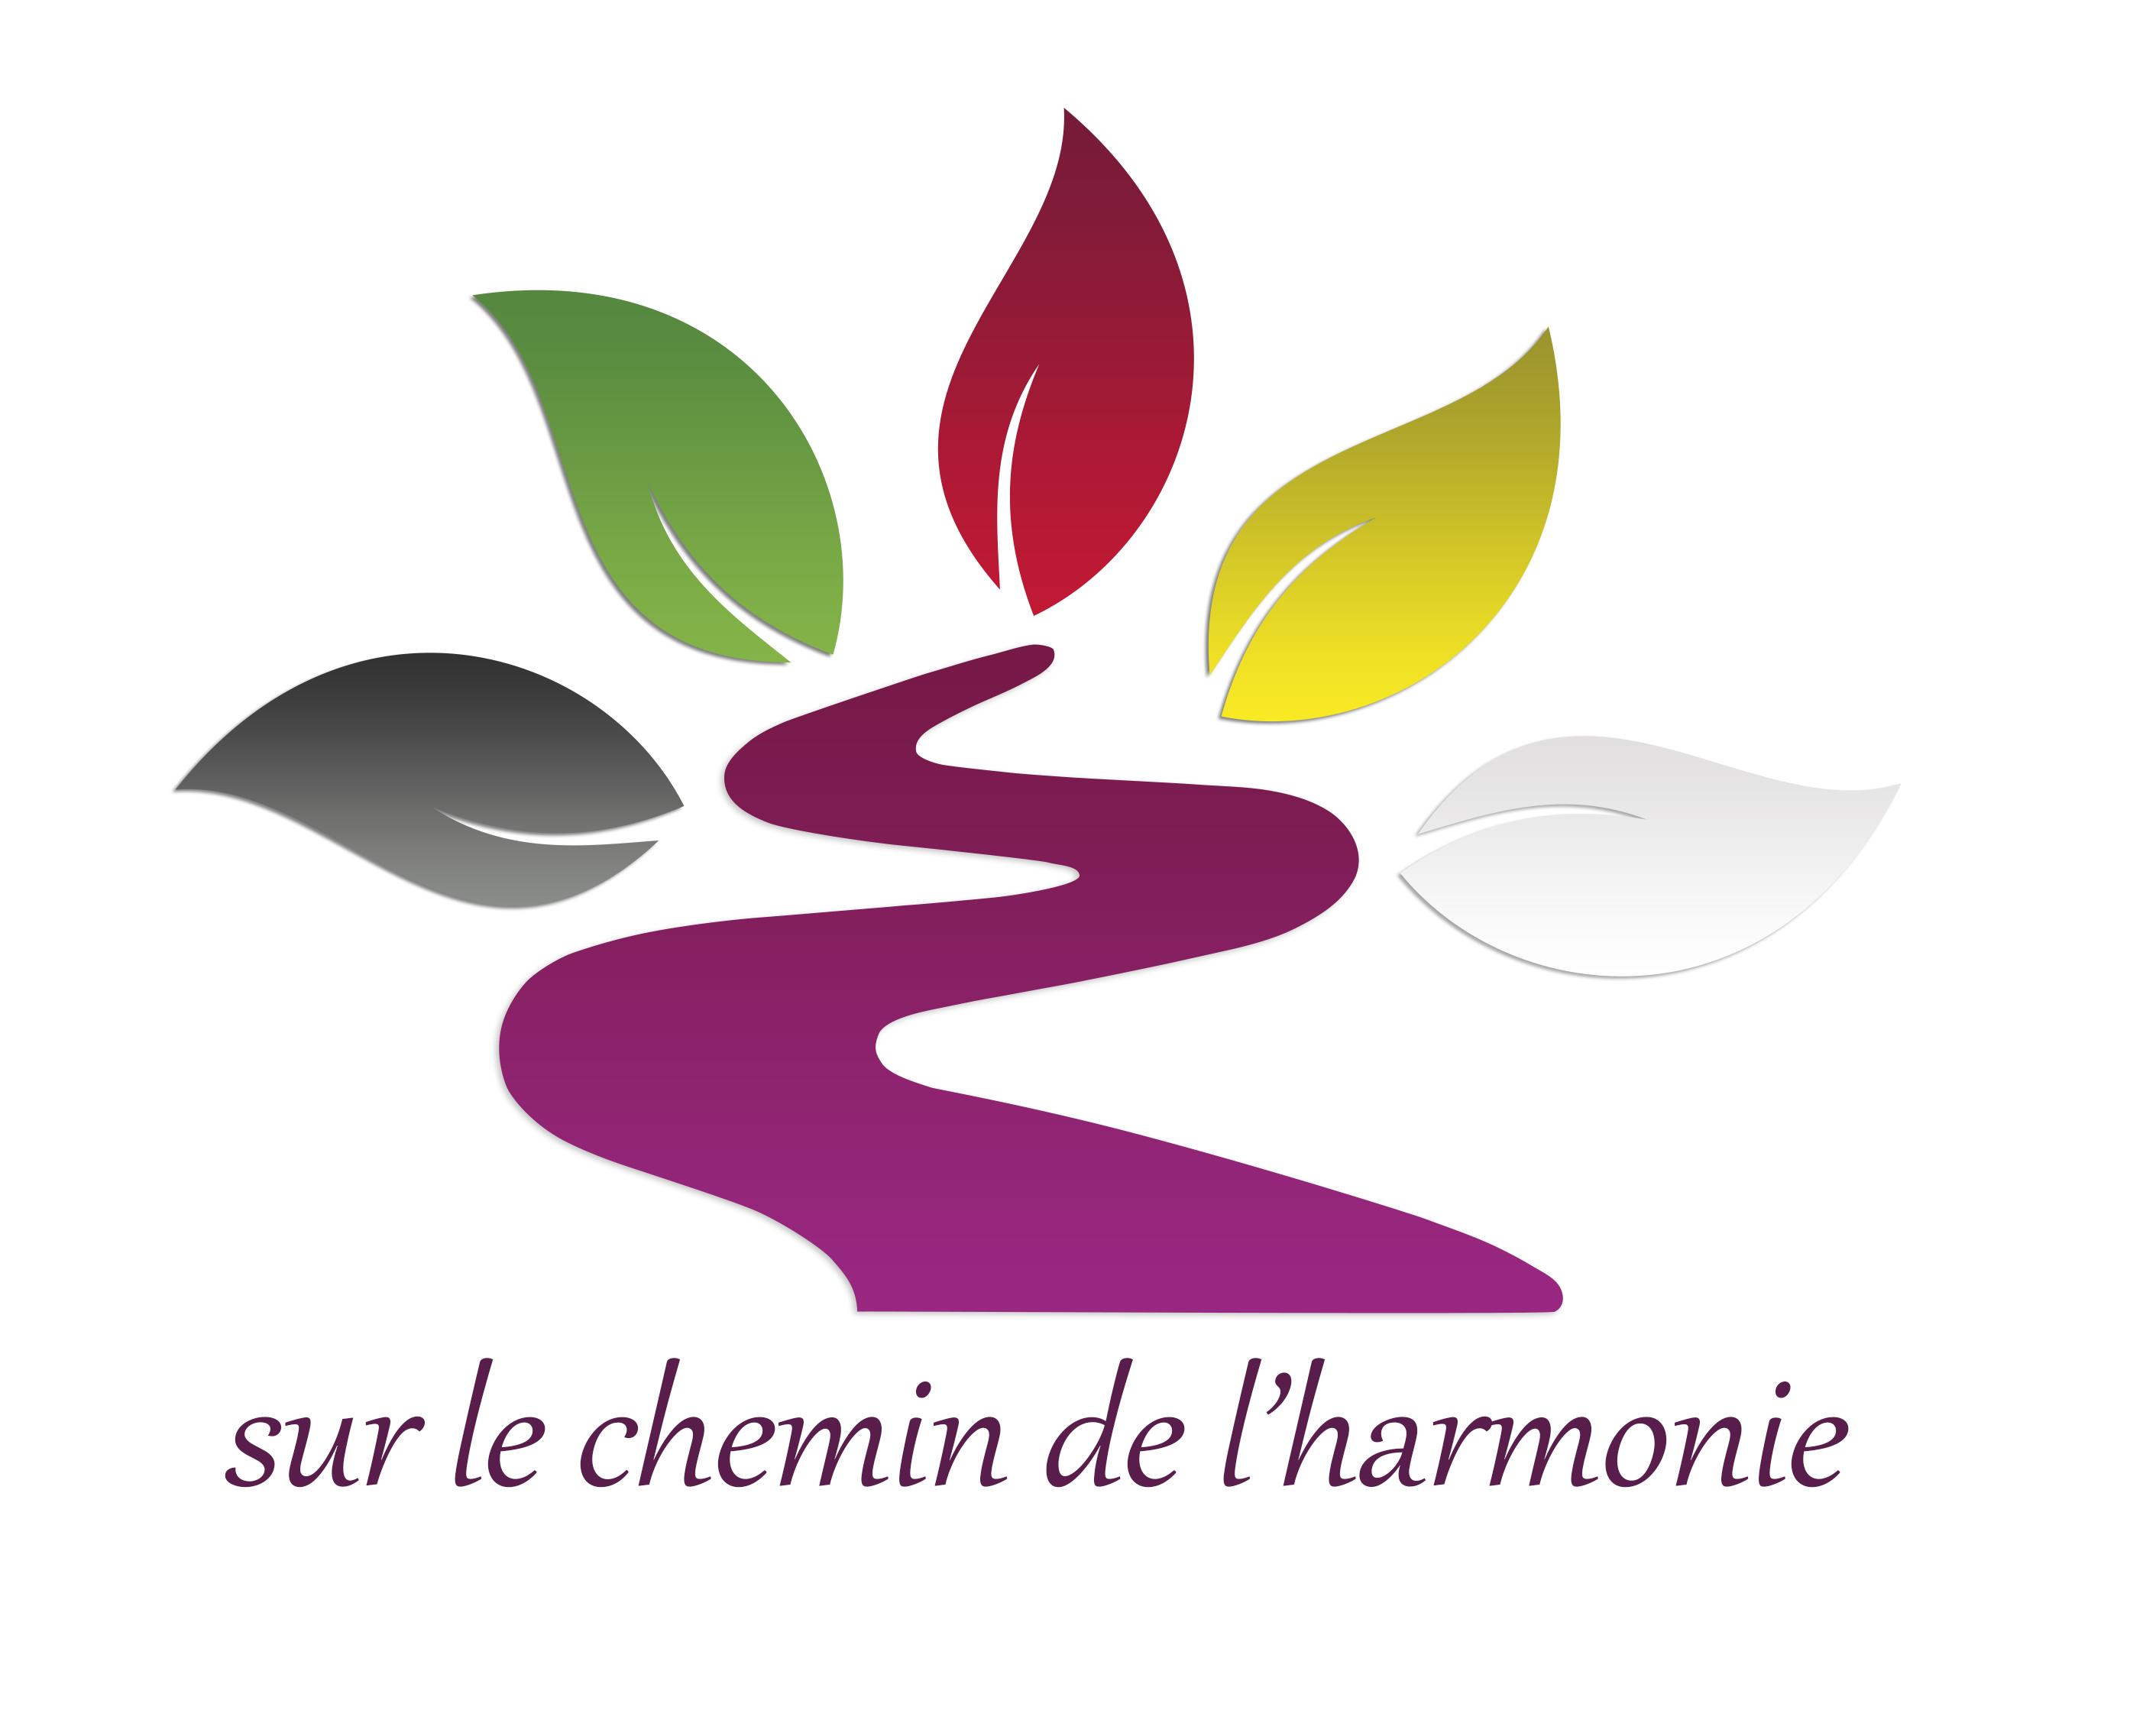 sur le chemin de l'harmonie